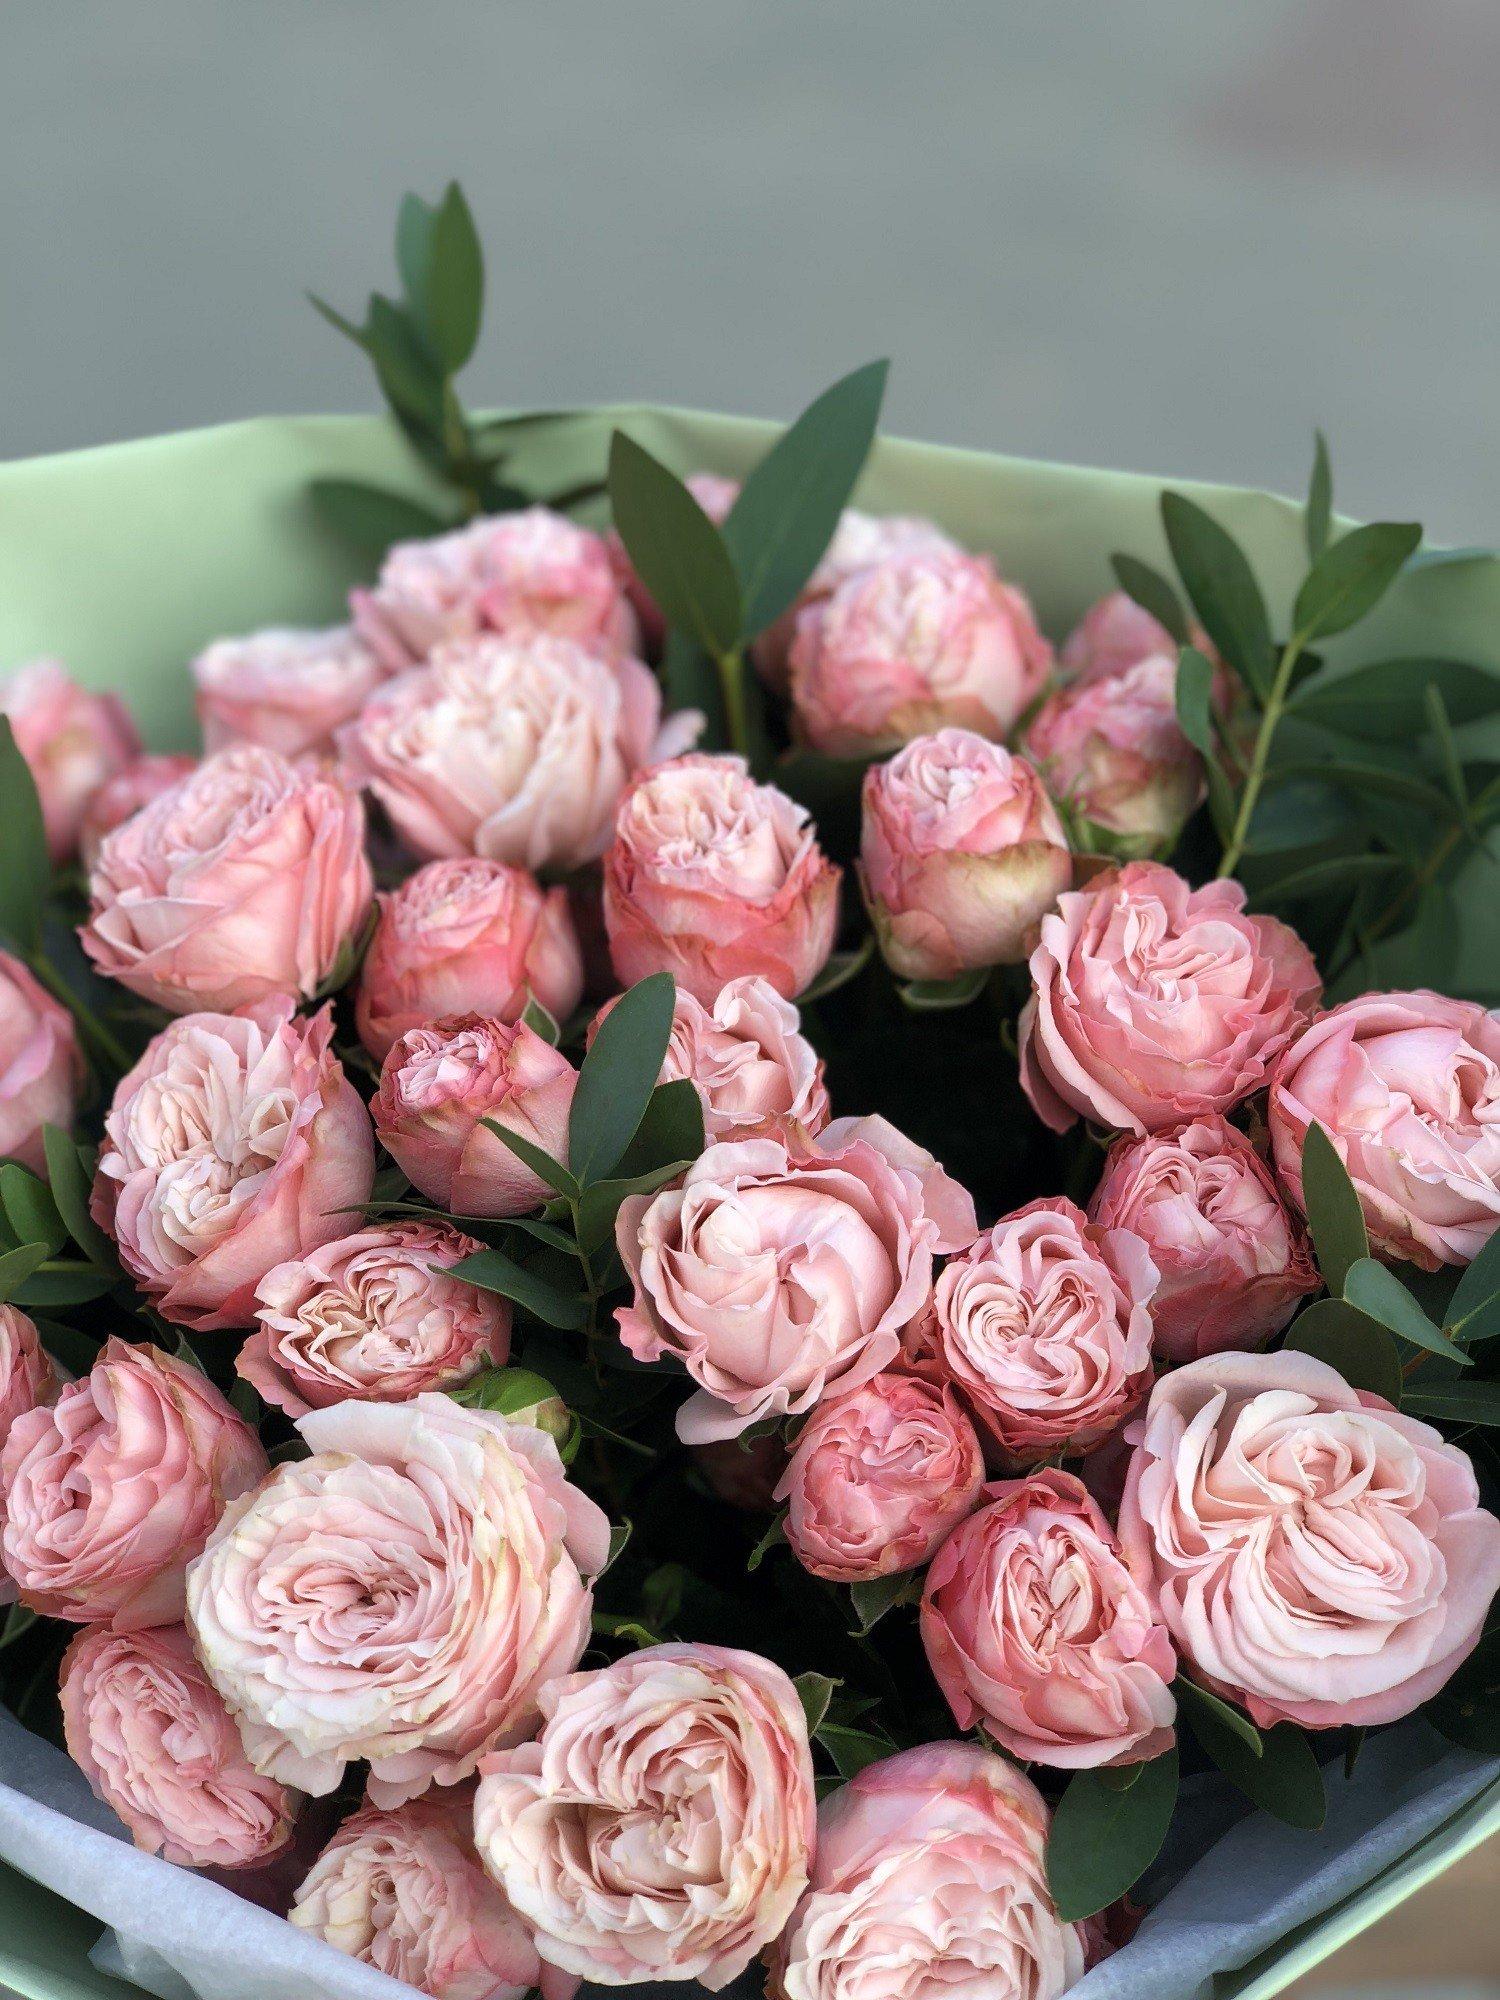 Описание пионовидного сорта кустовой розы леди (мадам) бомбастик: как ухаживать